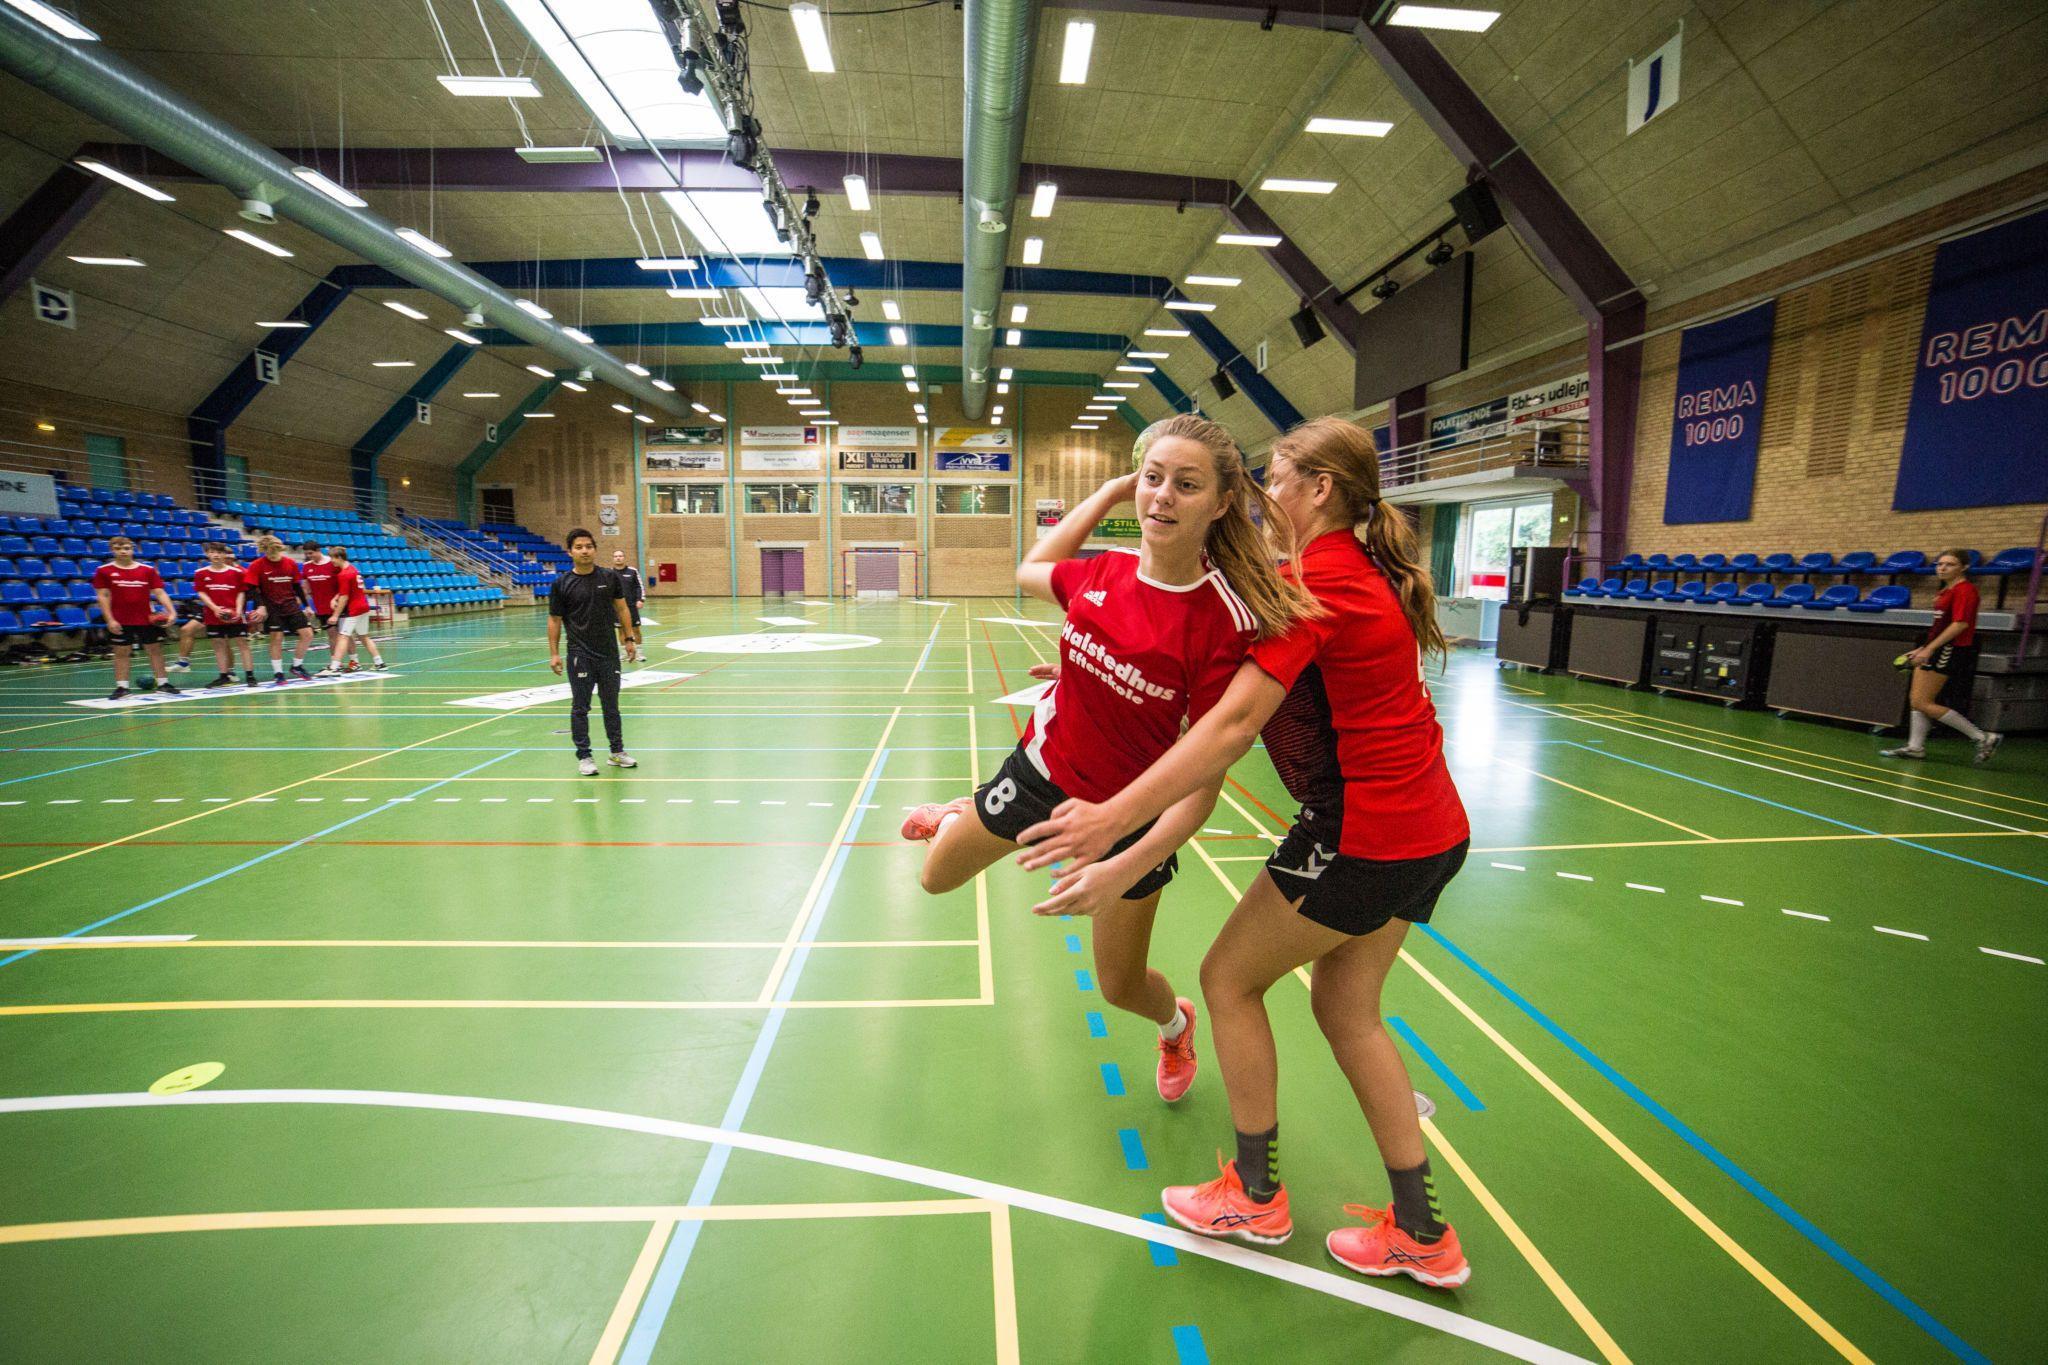 Håndboldhallen på Halstedhus Efterskole